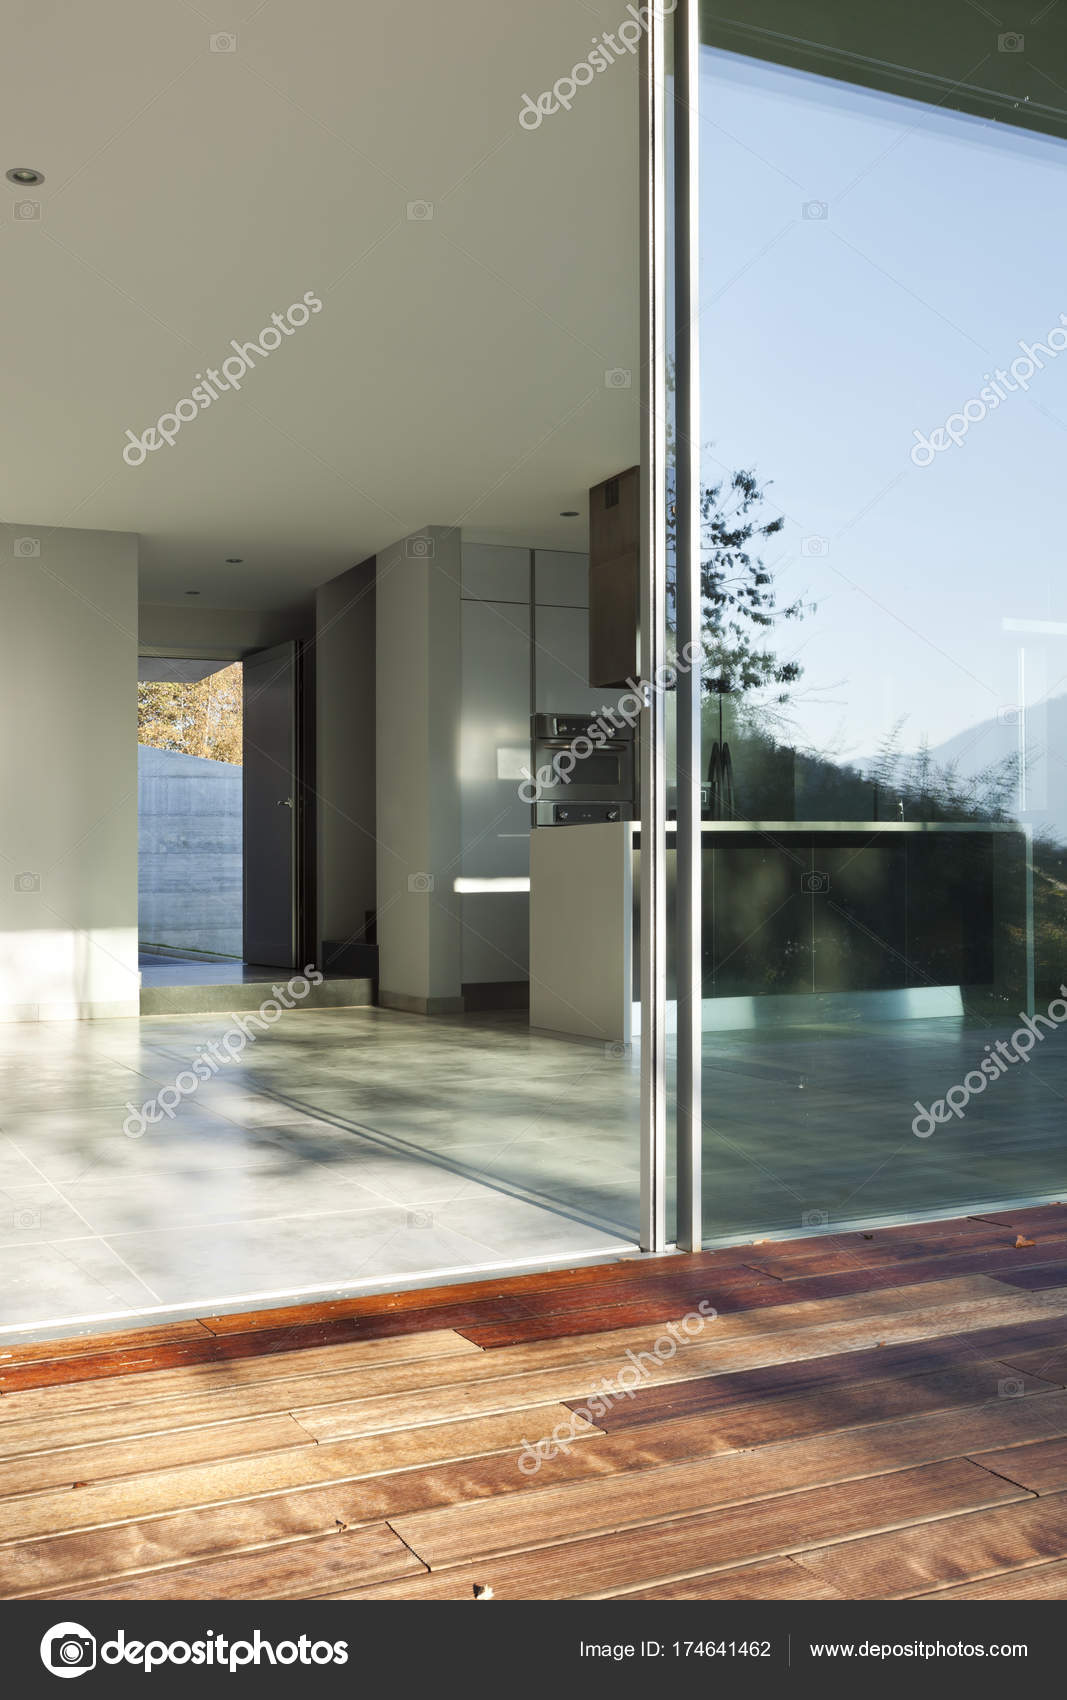 Modernes Haus Innenräume, niemand — Stockfoto © Zveiger #174641462